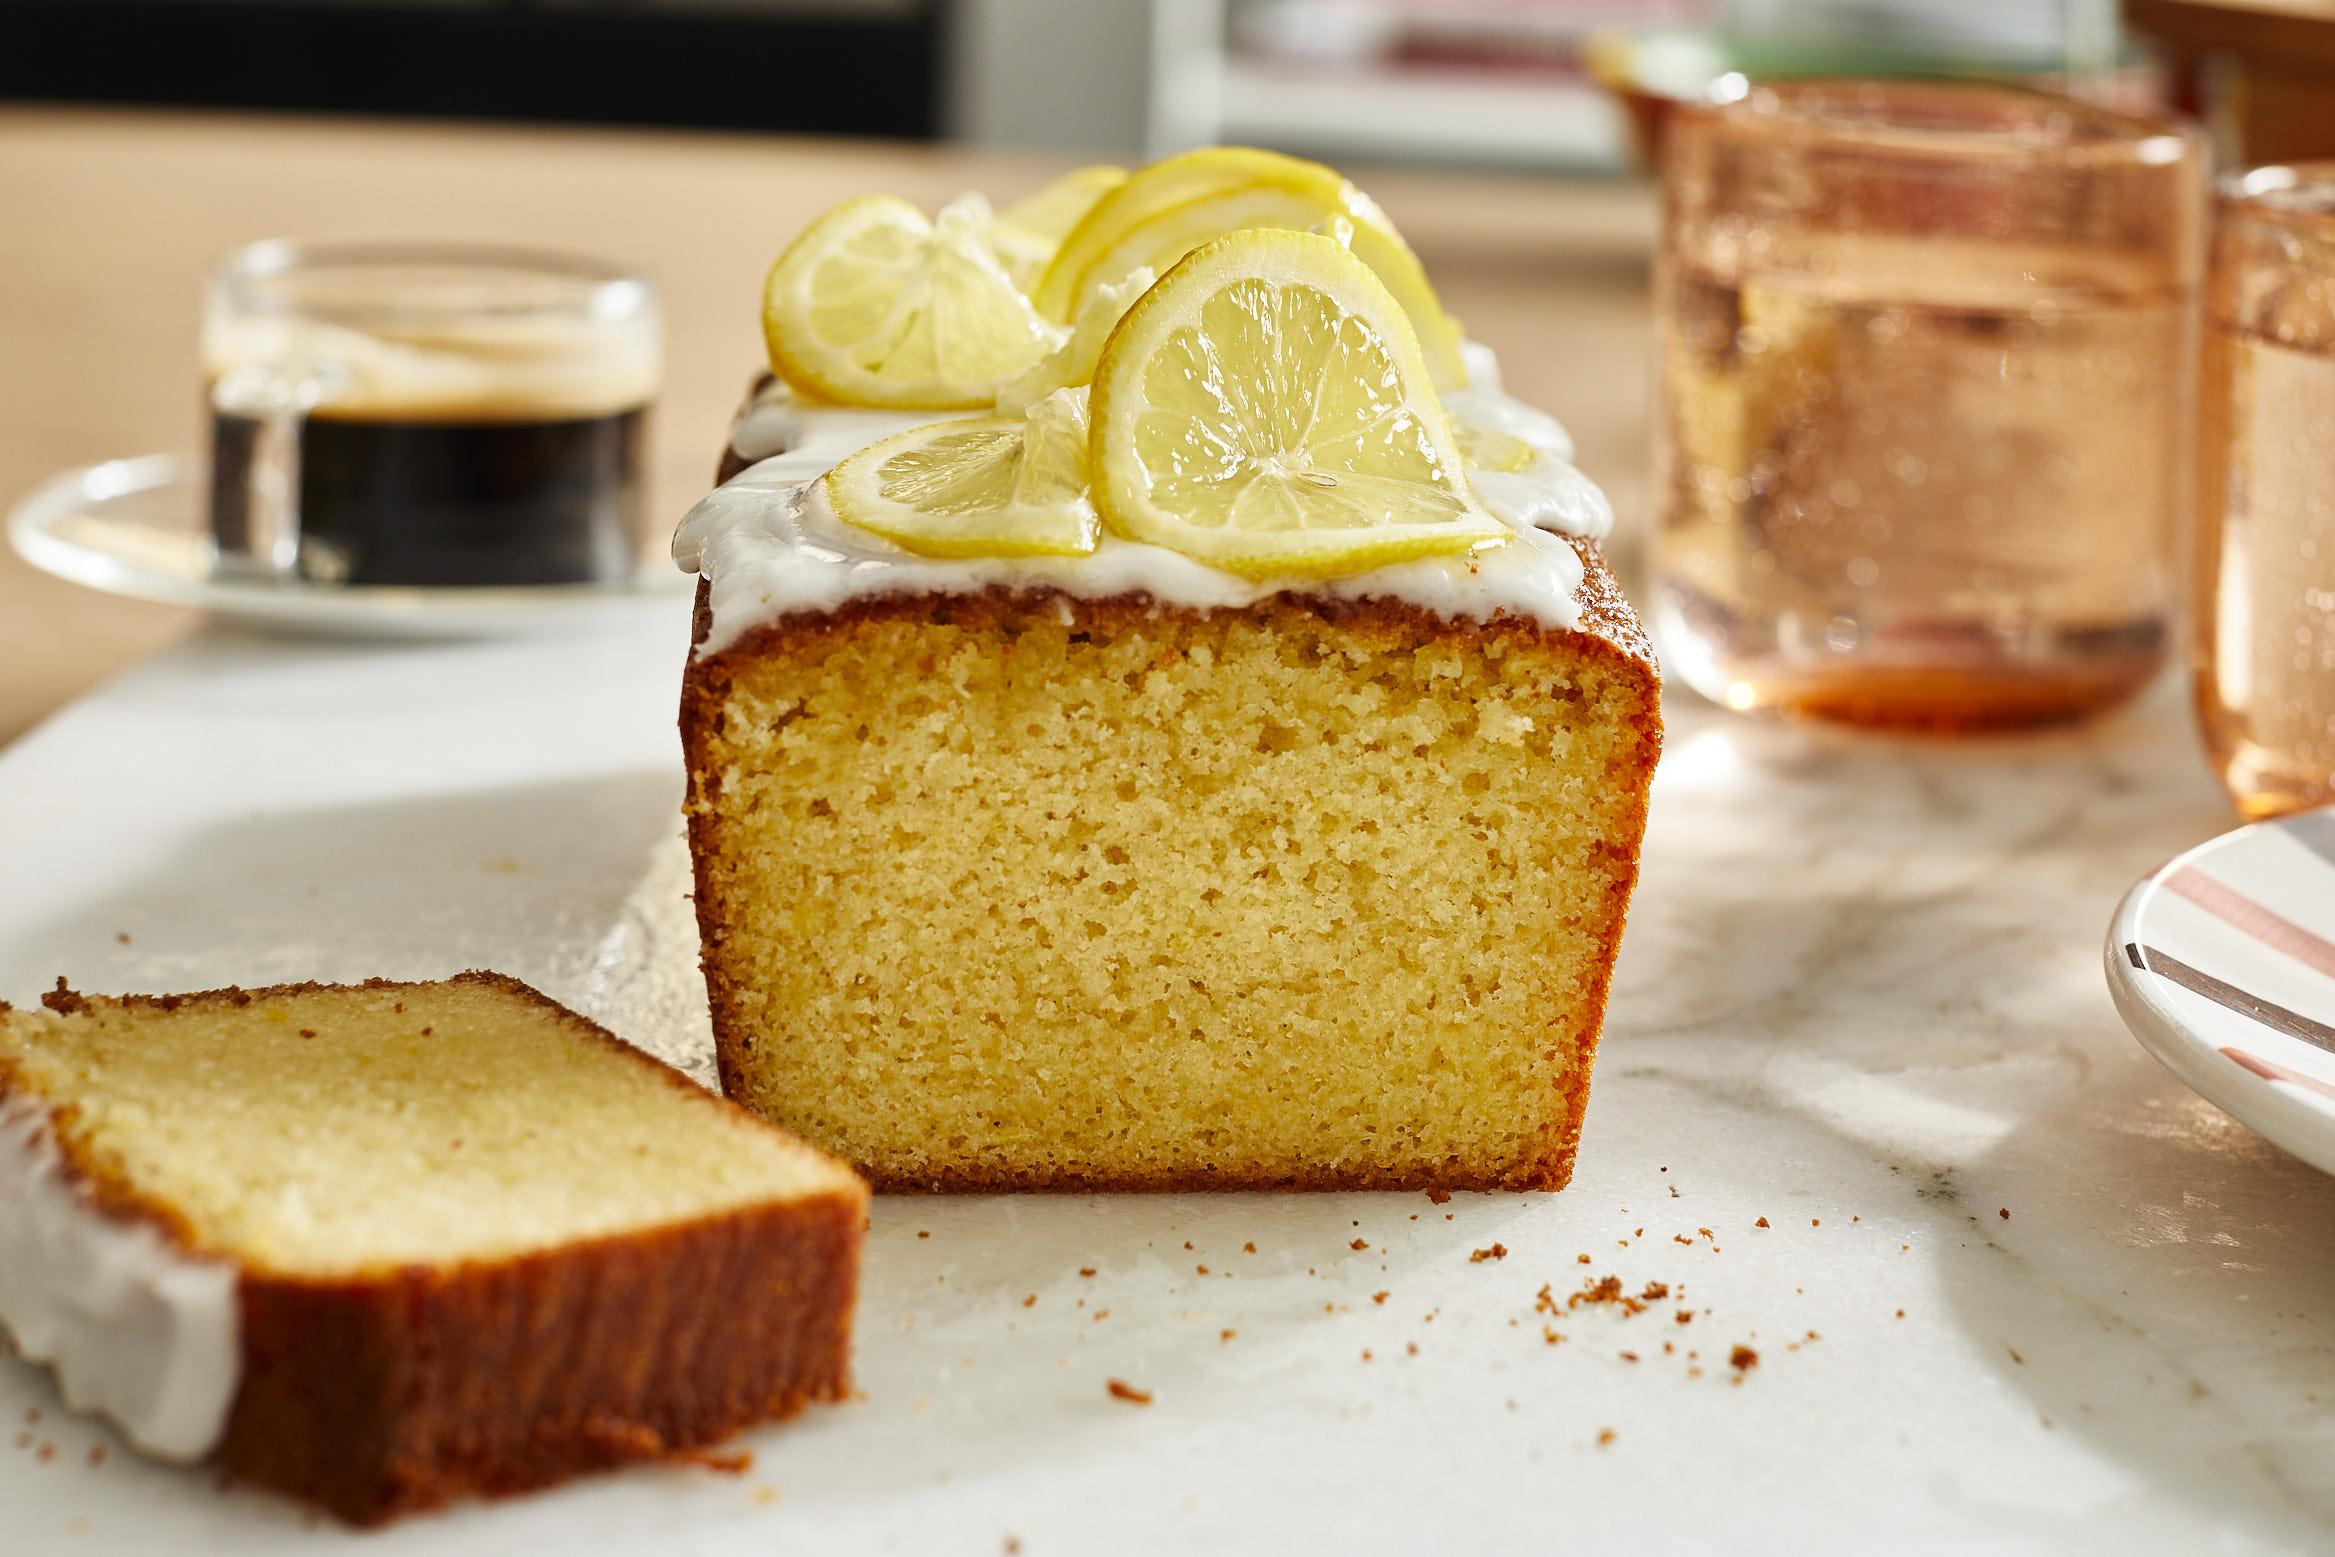 zitronenkuchen-glasur-einfach-rezept- 3